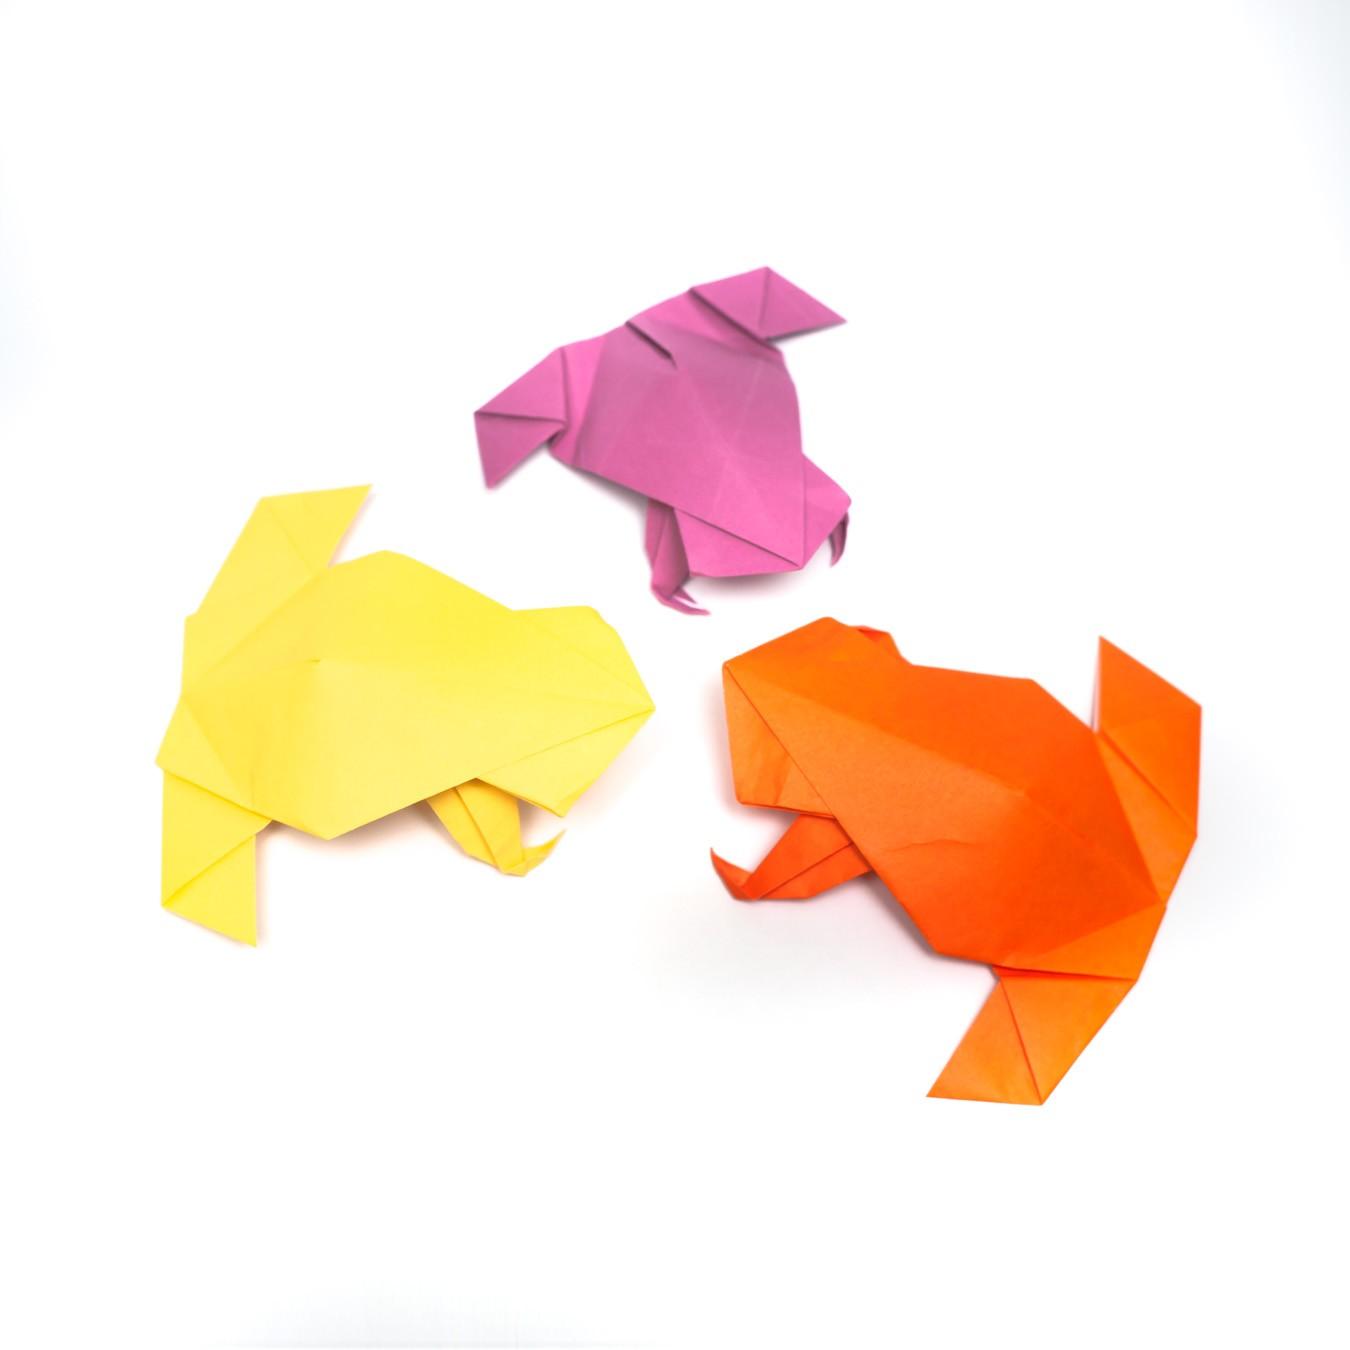 วิธีการพับกระดาษเป็นรูปกบสไตล์โคลับเบี้ยน (Origami Frog) 004